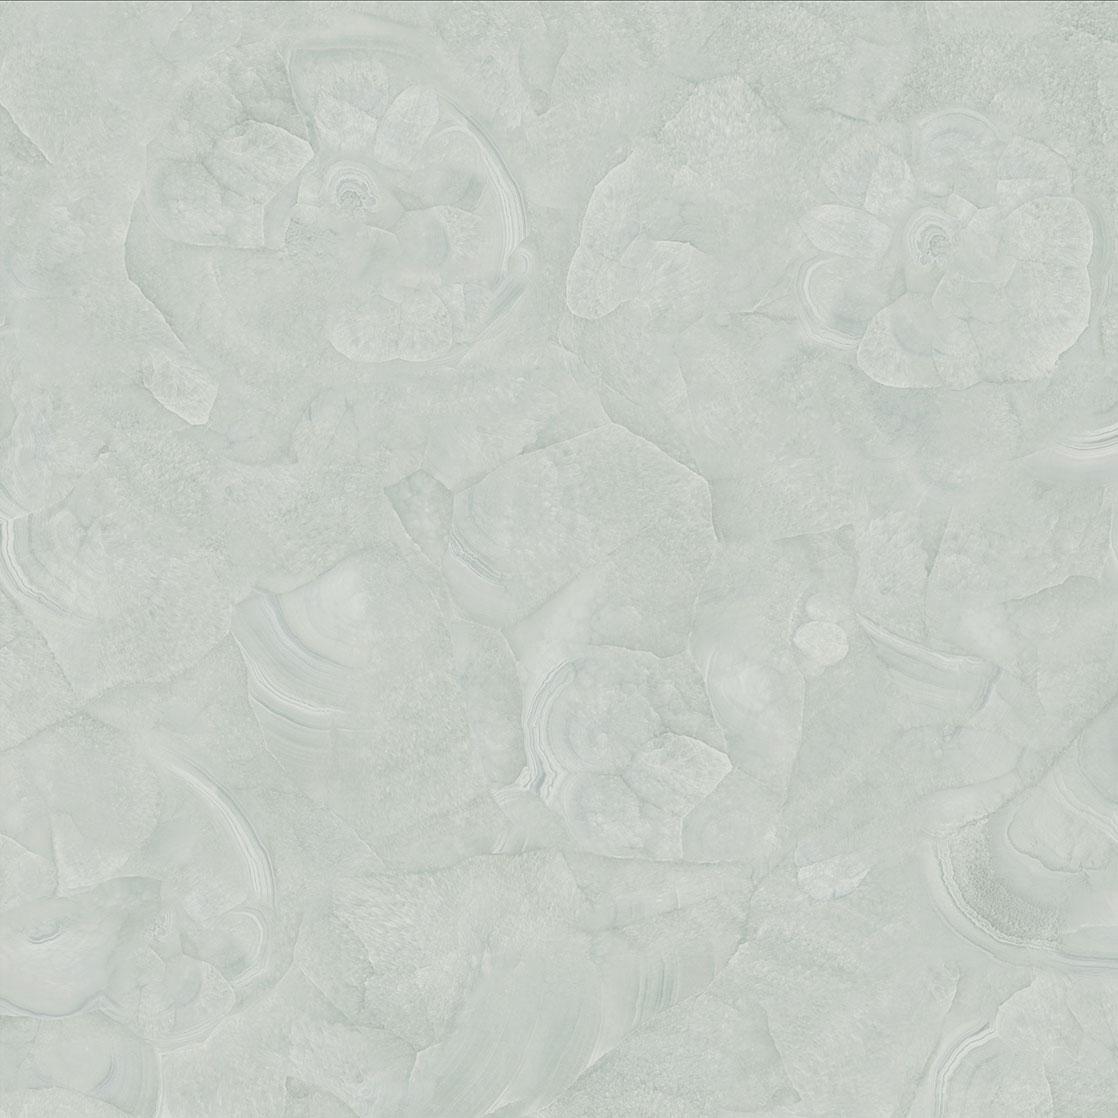 Gạch lát nền 60x60 Viglacera UH6805 giá rẻ